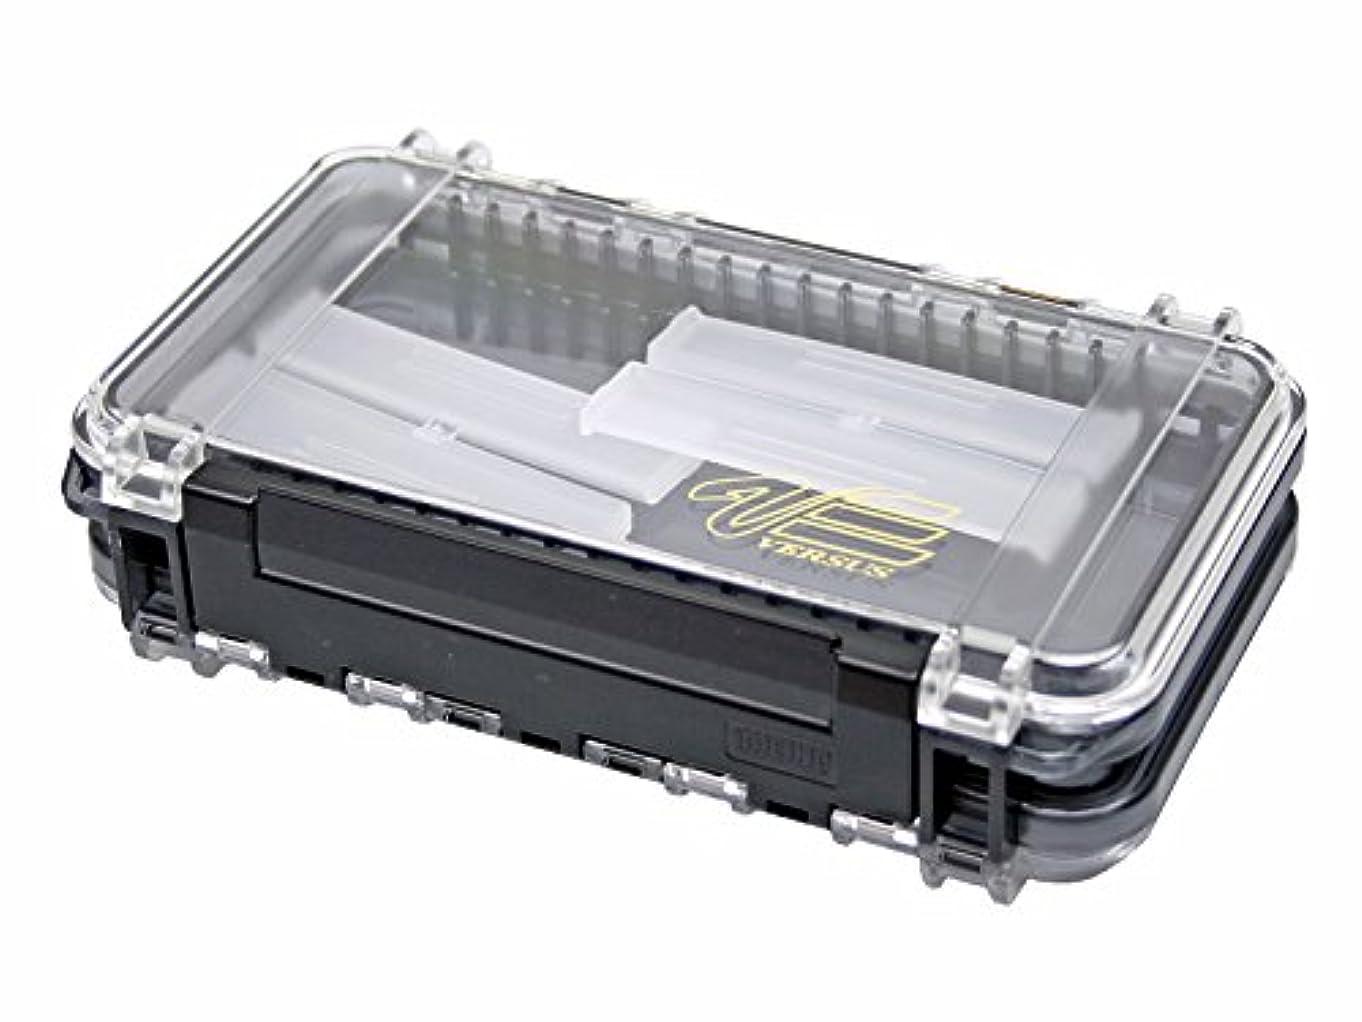 ケント筋肉のポンド両面収納 防水ケース VS-450WG/WG MEIHO VERSUS 明邦化学工業